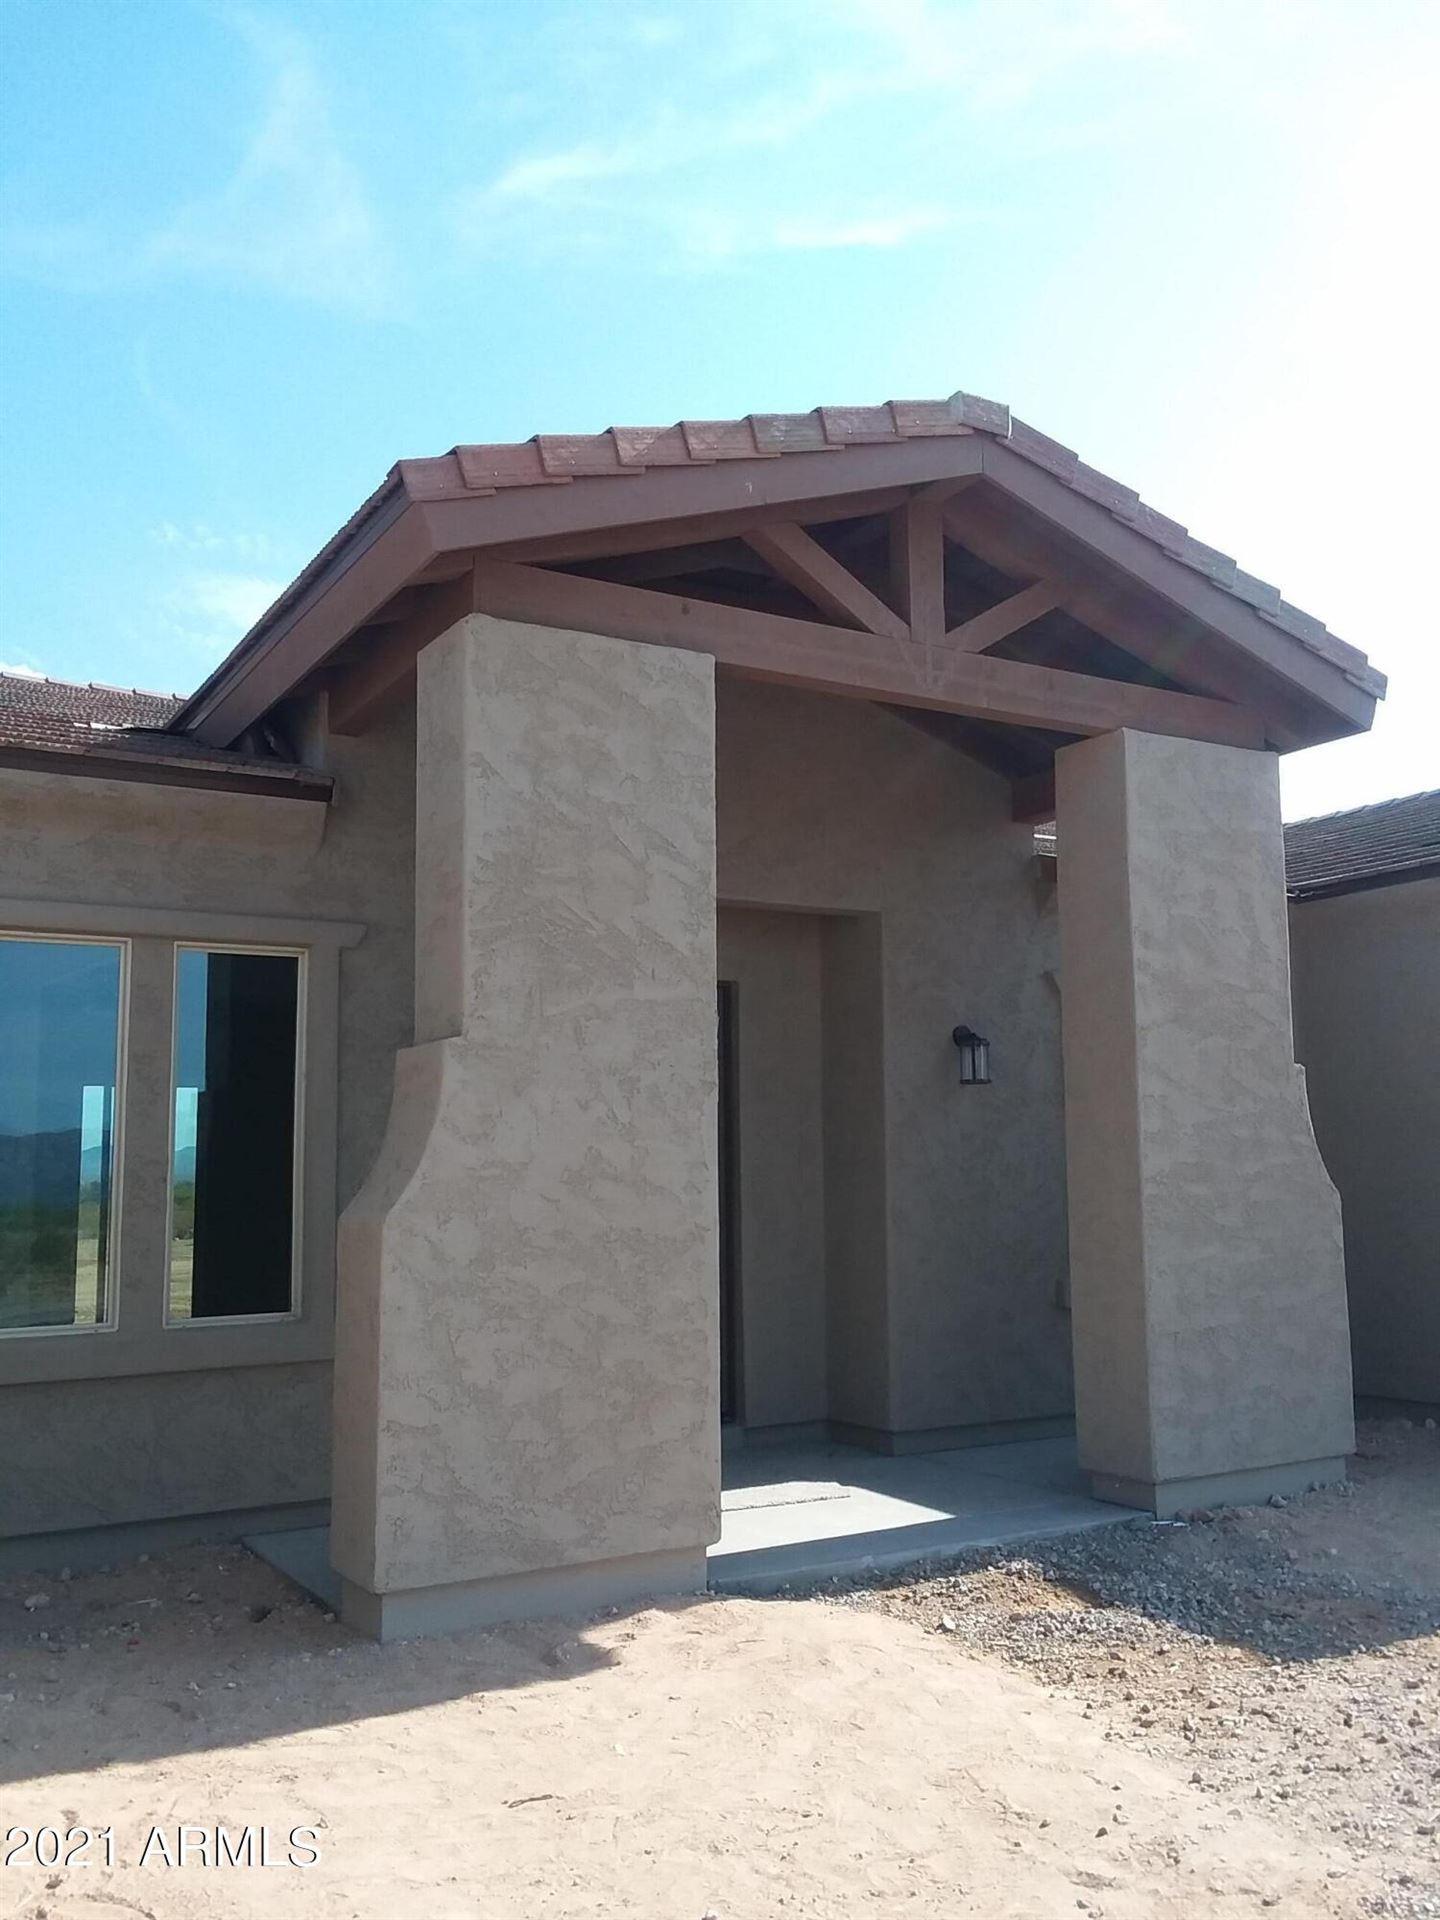 Photo of 23526 W Beacon Lane, Wittmann, AZ 85361 (MLS # 6259856)